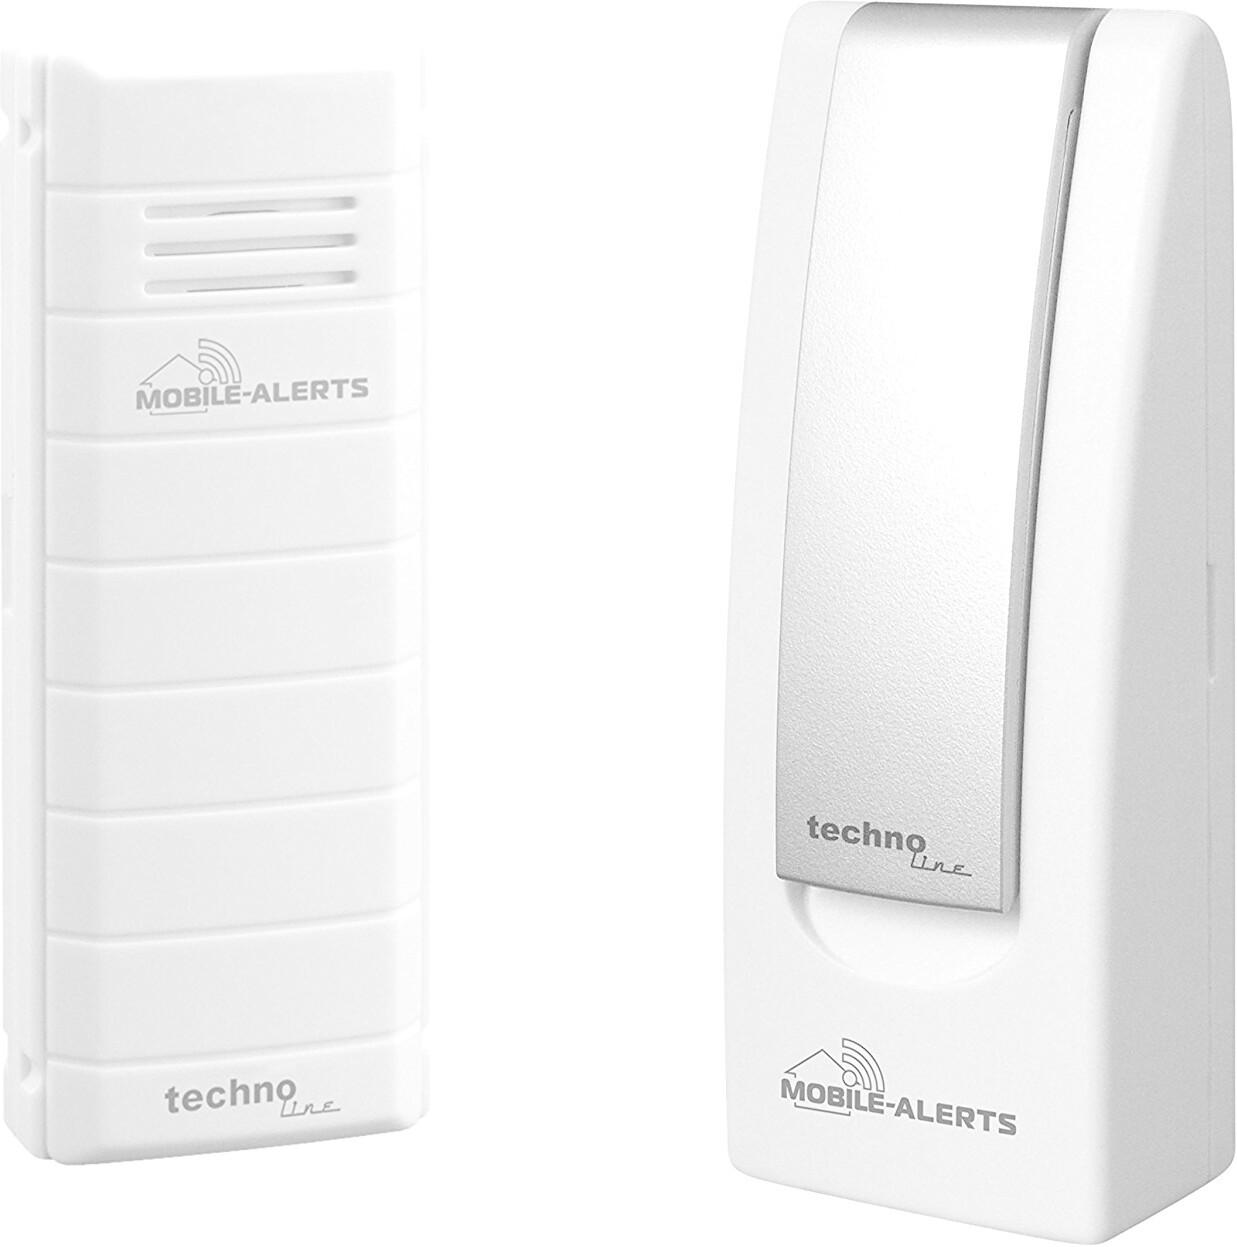 TechnoLine Mobile Alerts MA10001